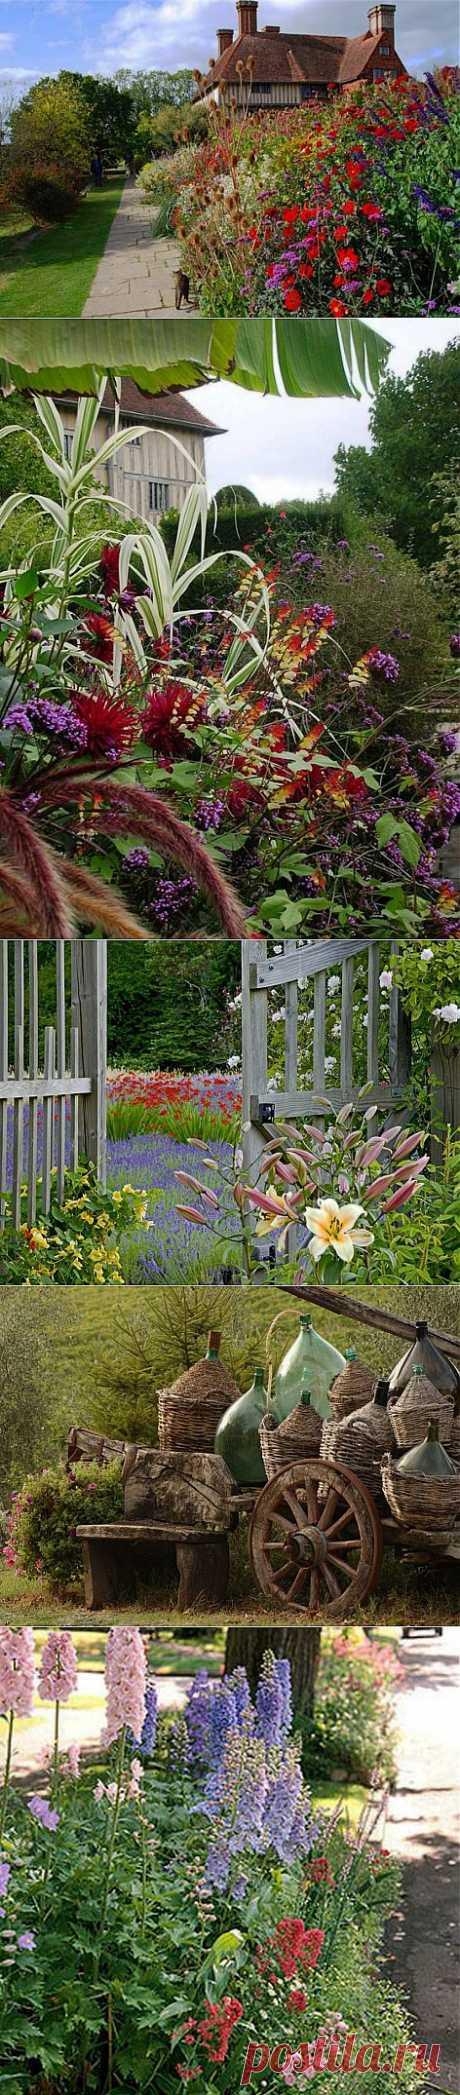 Сад в сельском стиле – возвращение к истокам природы